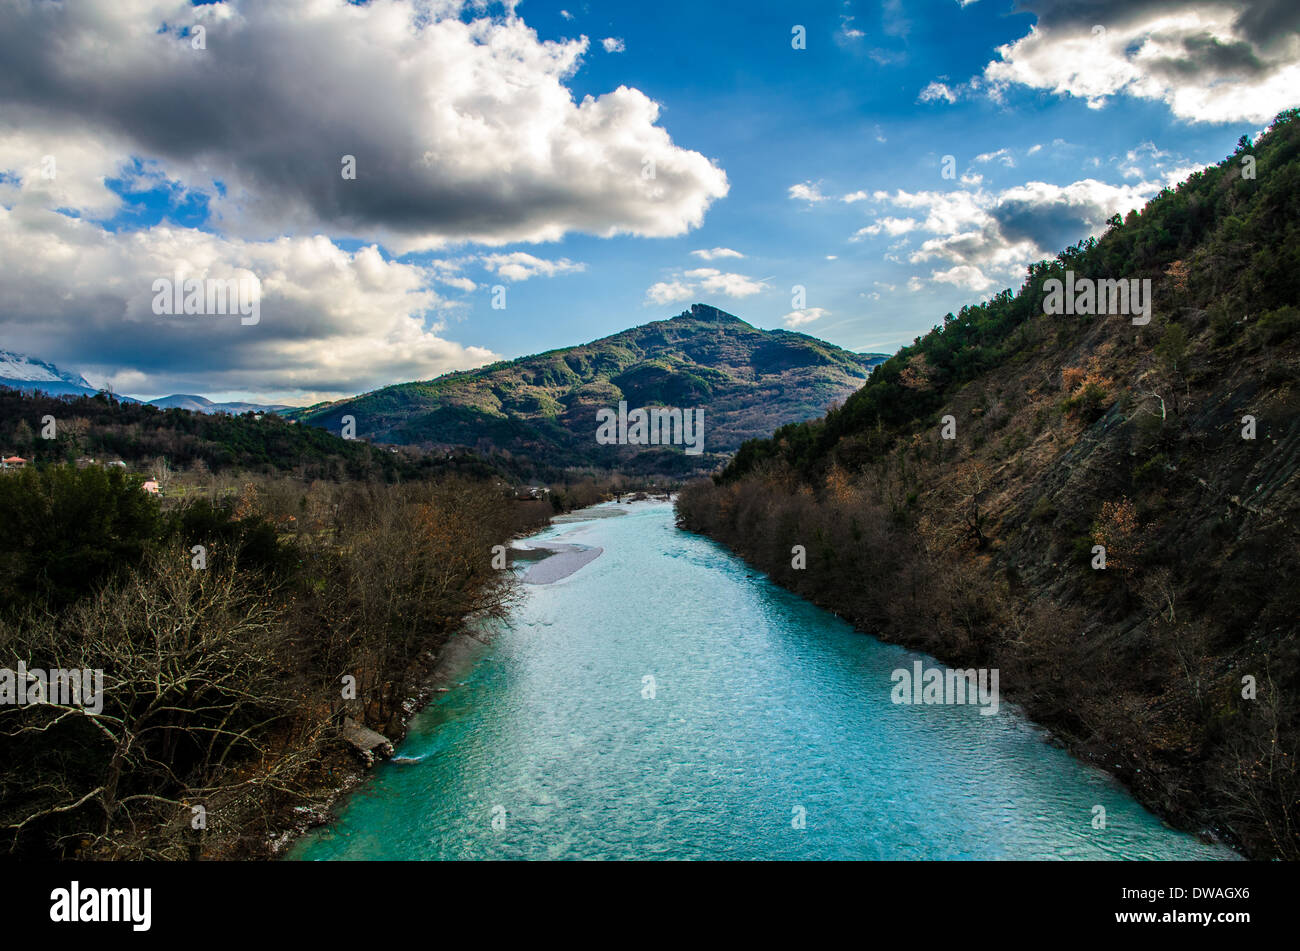 Arachthos river on Tzoumerka mountain - Stock Image